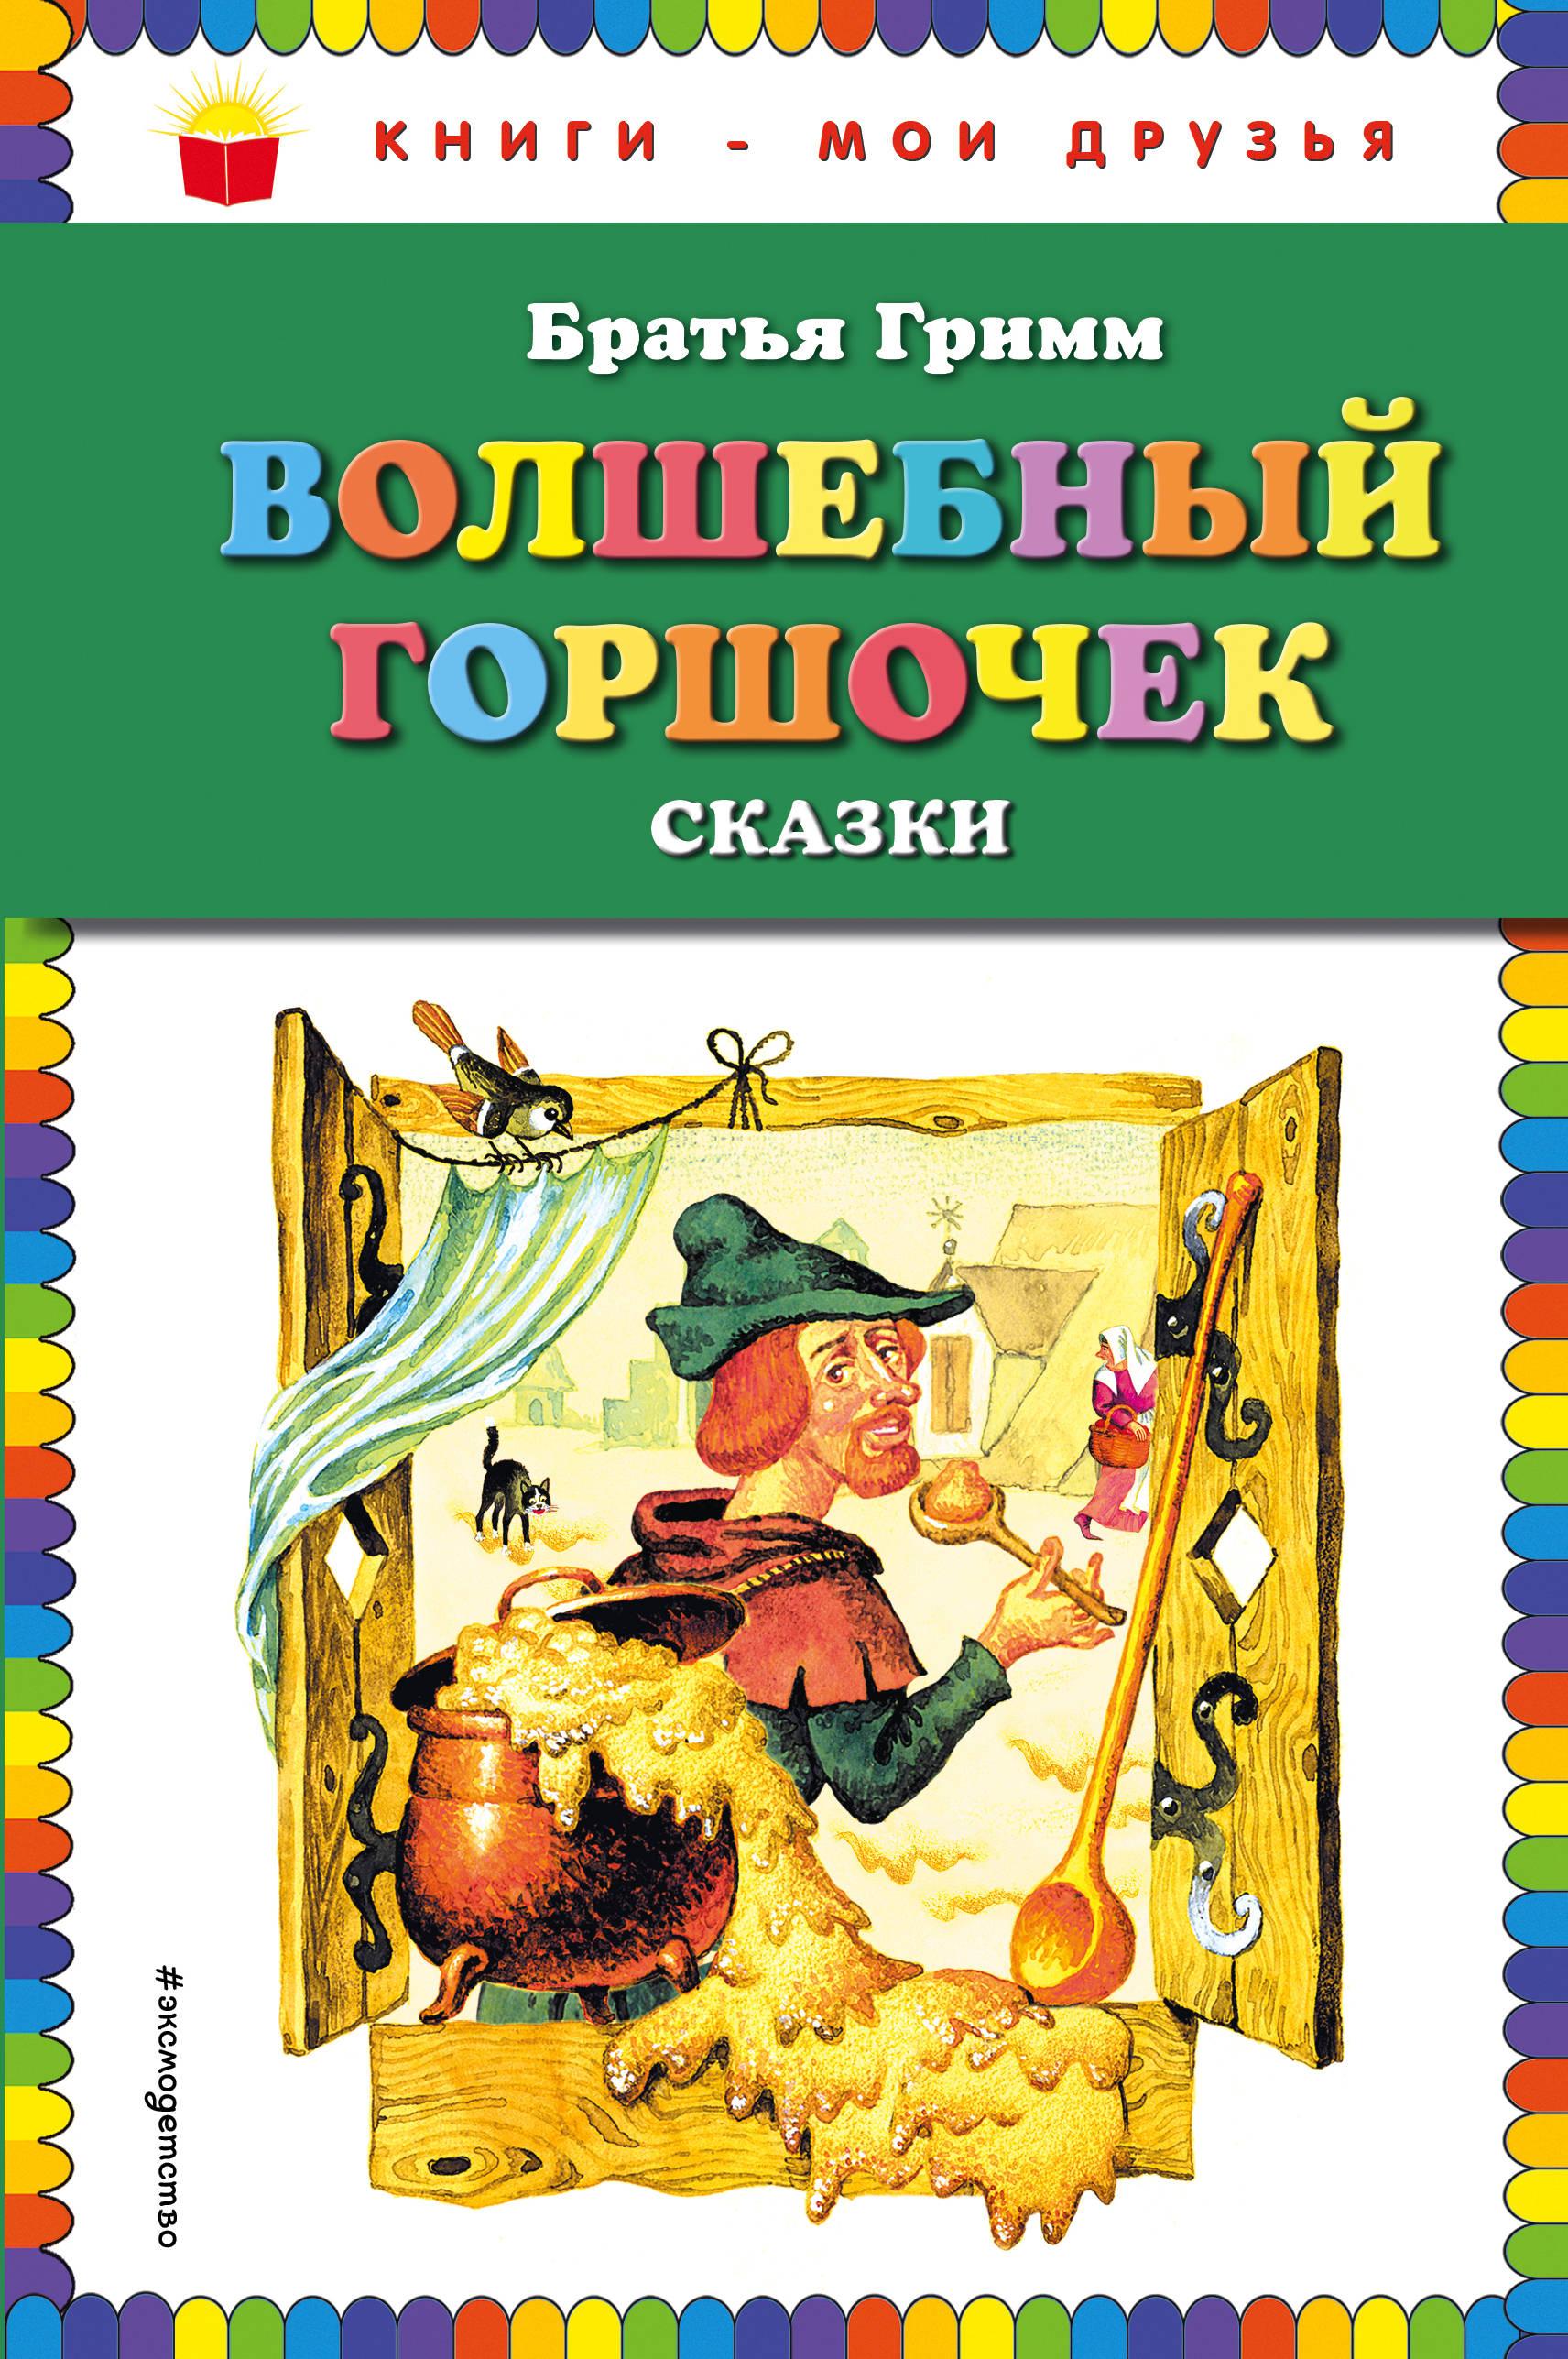 Гримм Якоб Волшебный горшочек: сказки сказки братьев гримм том 3 4 dvd